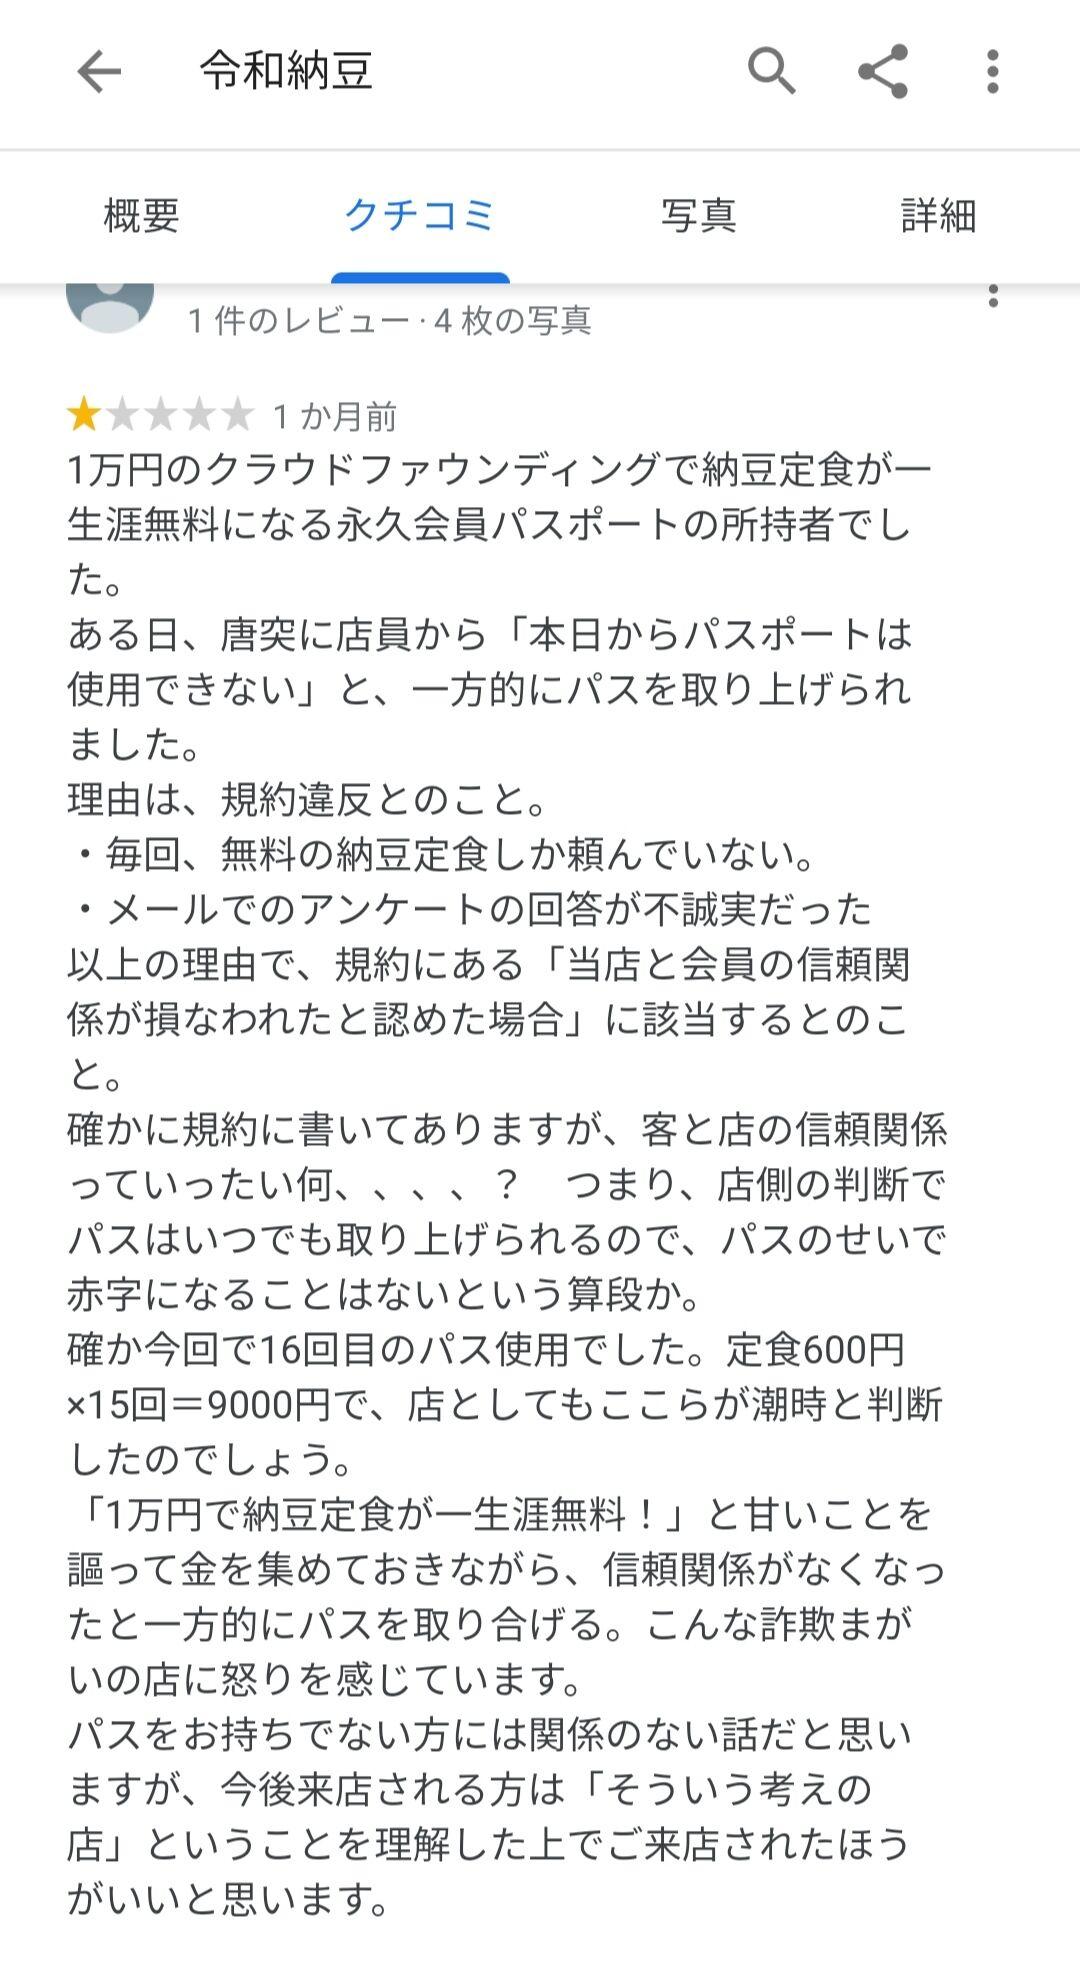 【悲報】「納豆定食生涯無料パス」を購入した人、とんでもない結果にwwwwwwww(画像あり)